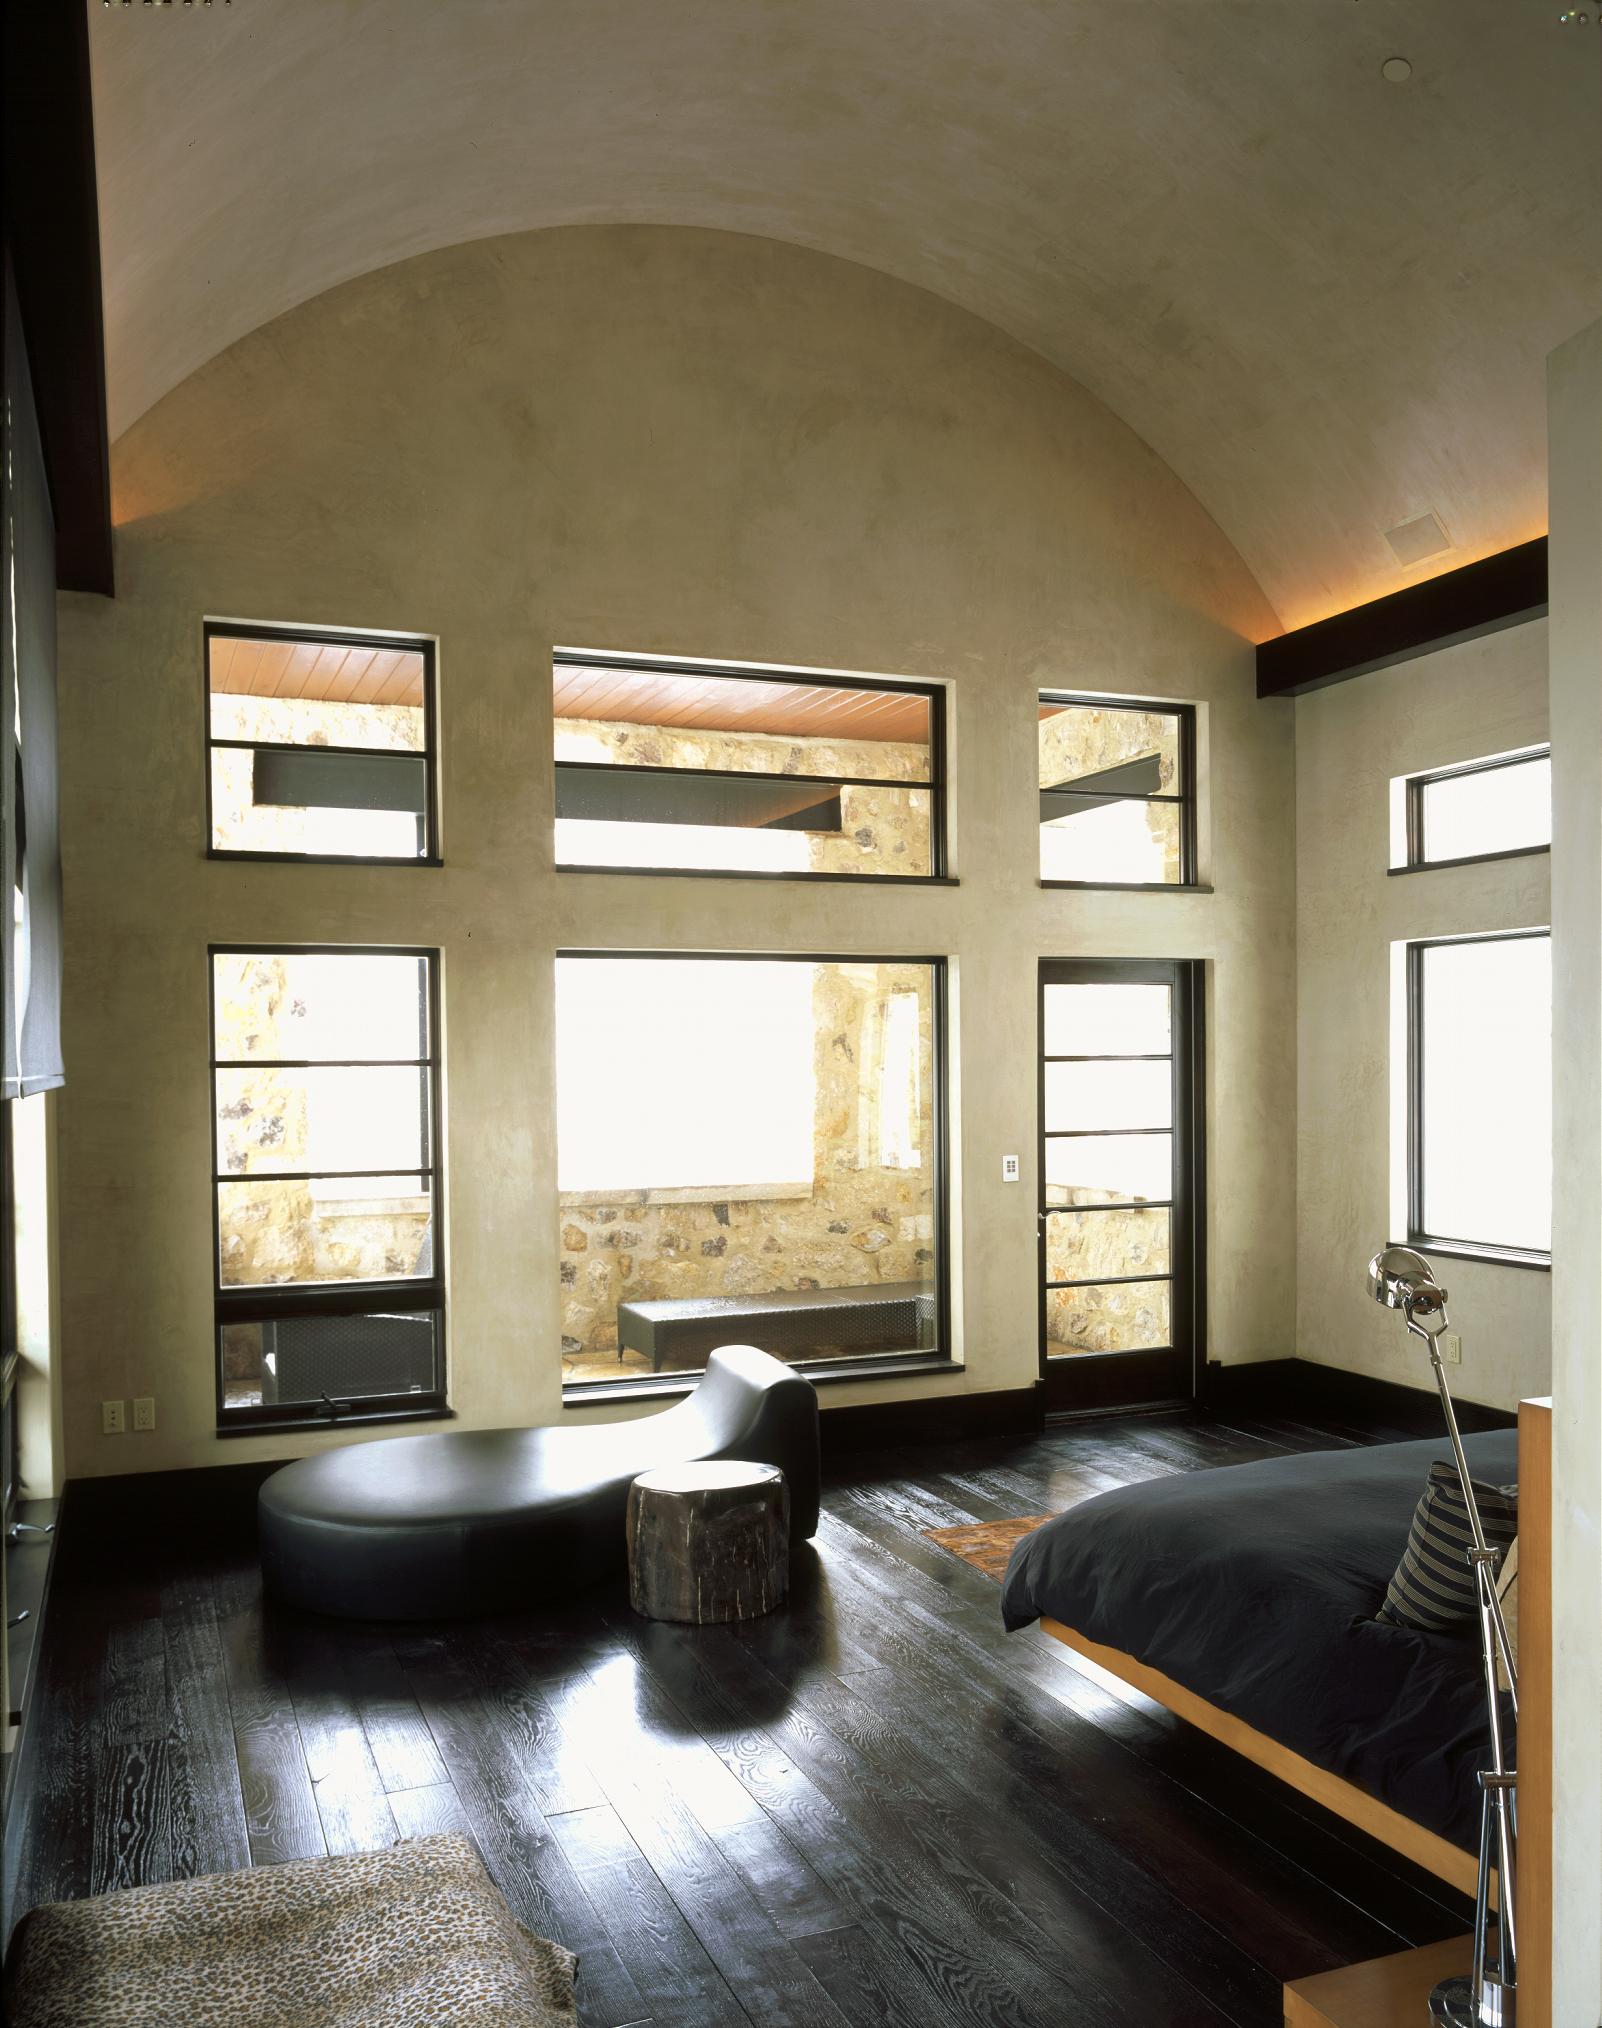 mountain_star_II_interior_flooring.jpg